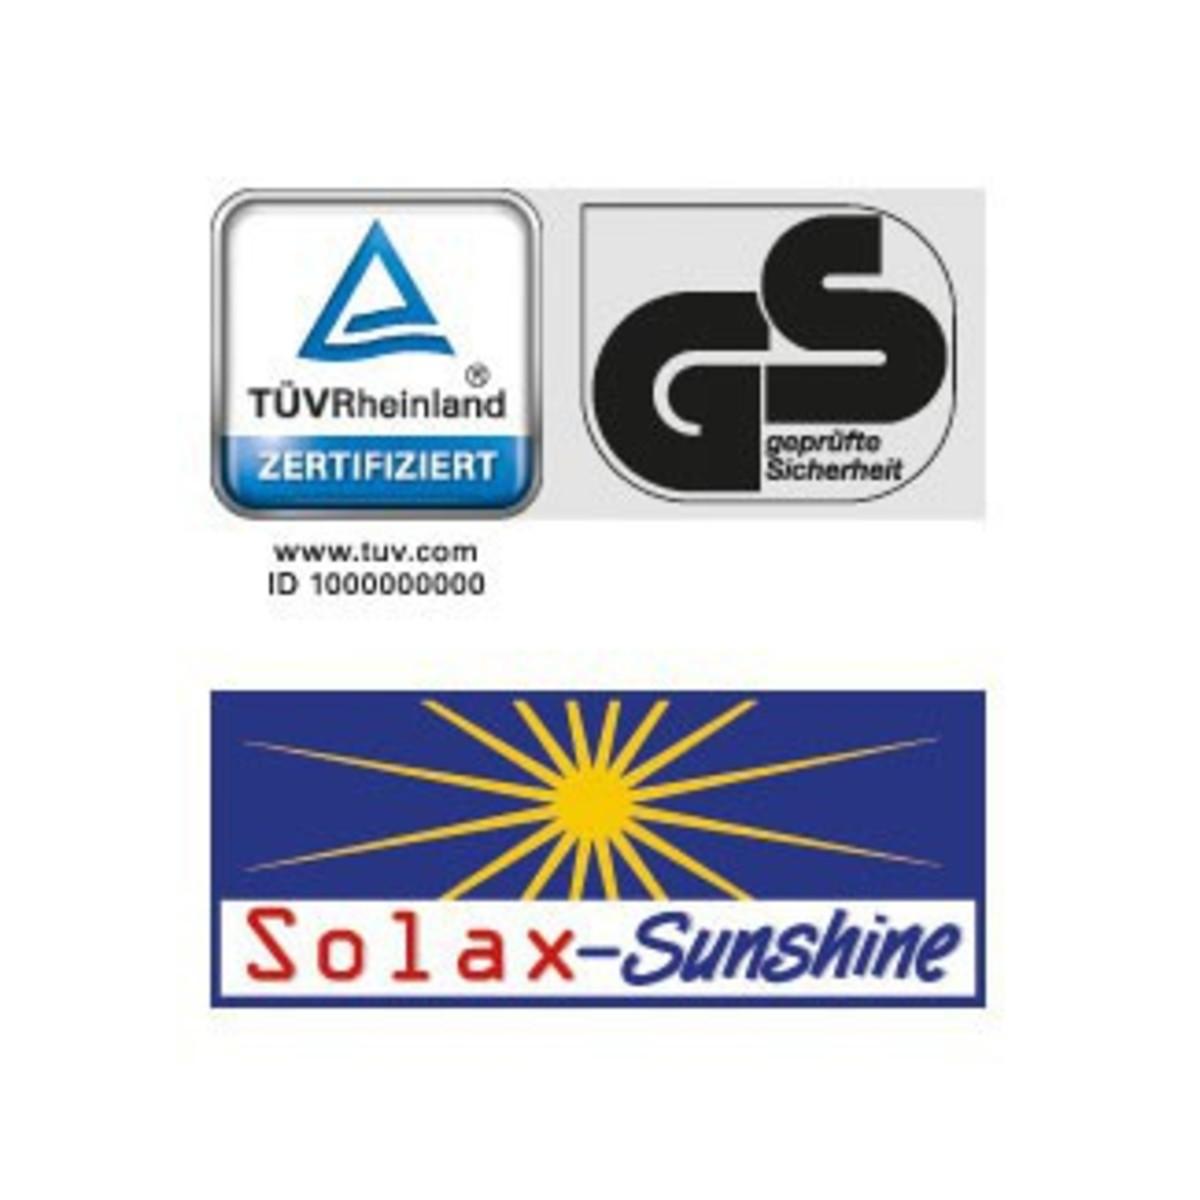 Bild 3 von Solax-Sunshine Alu-Sonnenliege mit Sonnendach, Blau